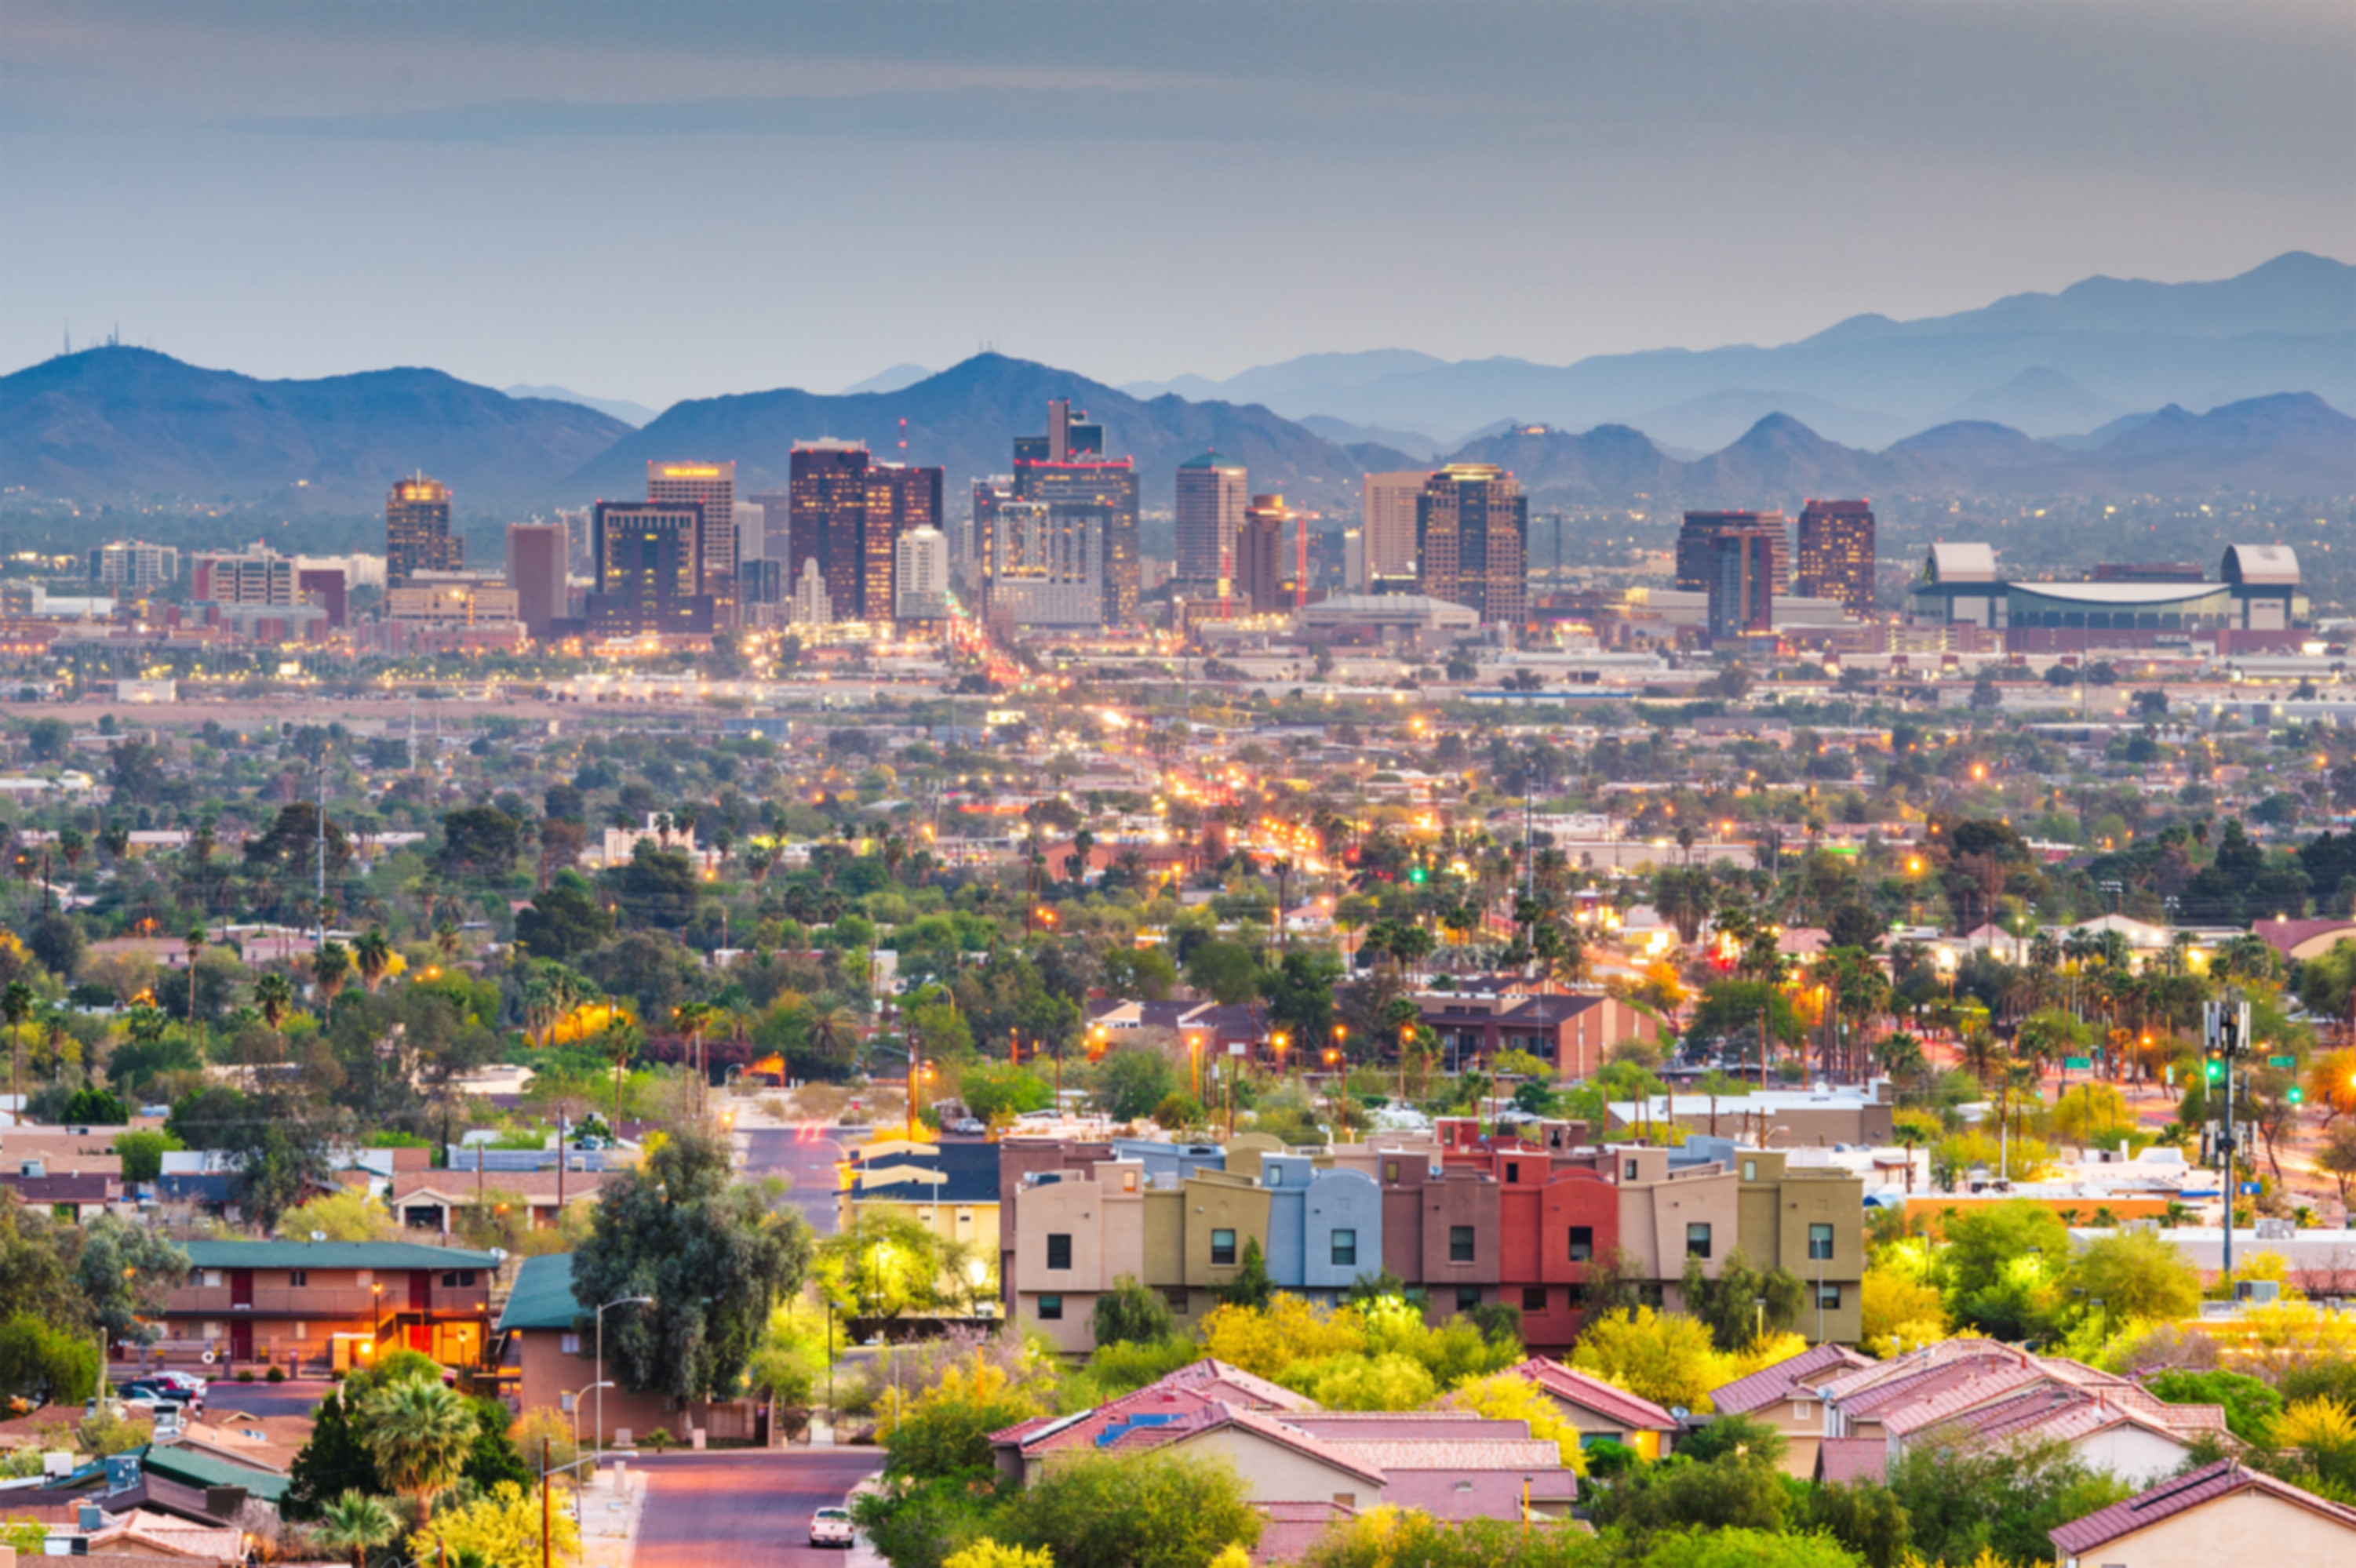 phoenix-arizona-usa-downtown-cityscape-P